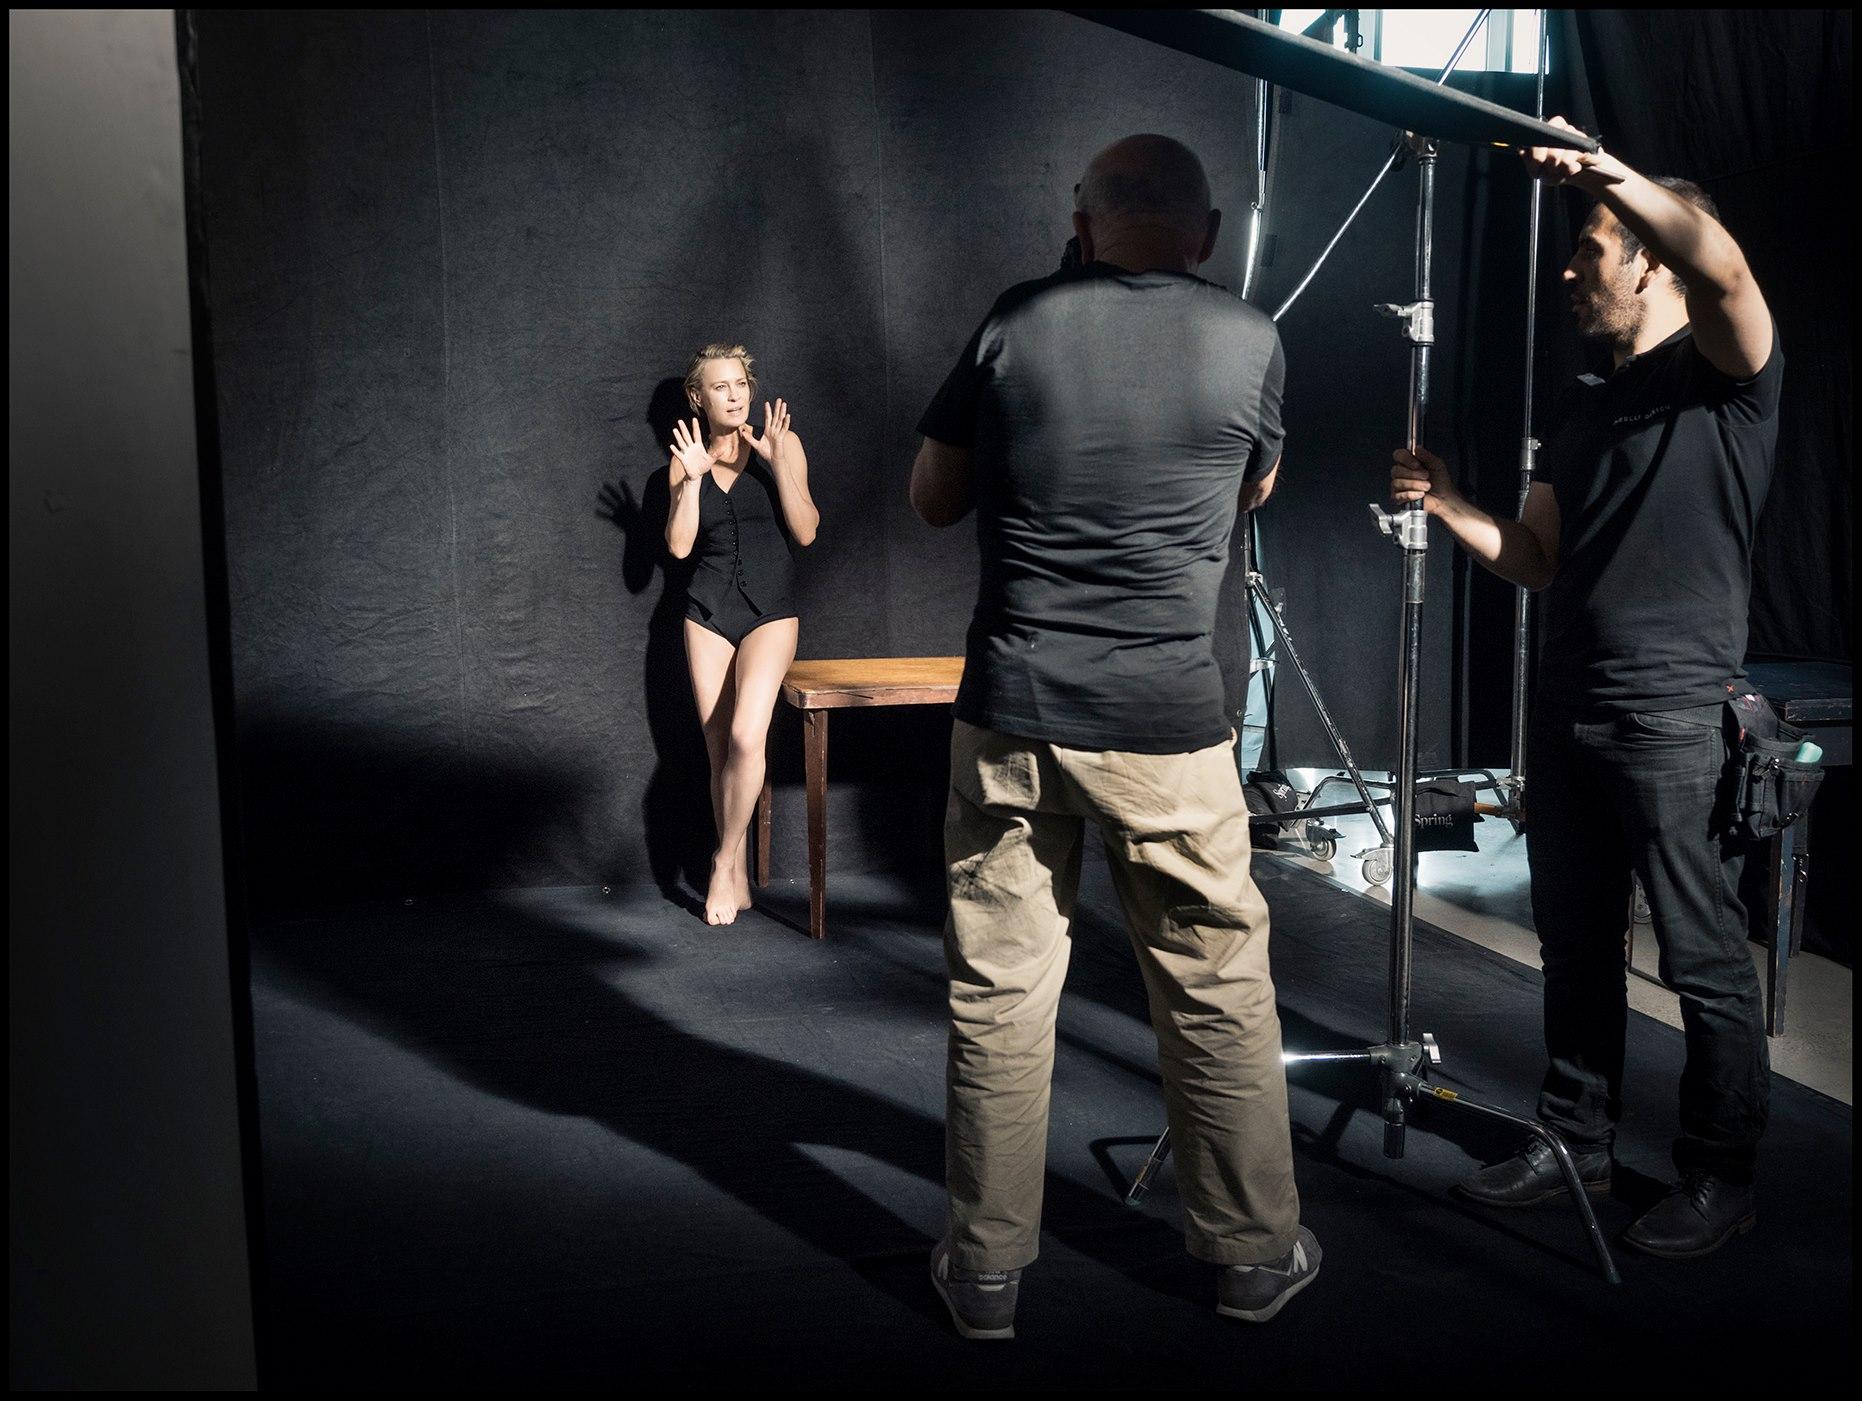 A actriz Robin Wright nos bastidores da sessão fotográfica com Peter Lindbergh